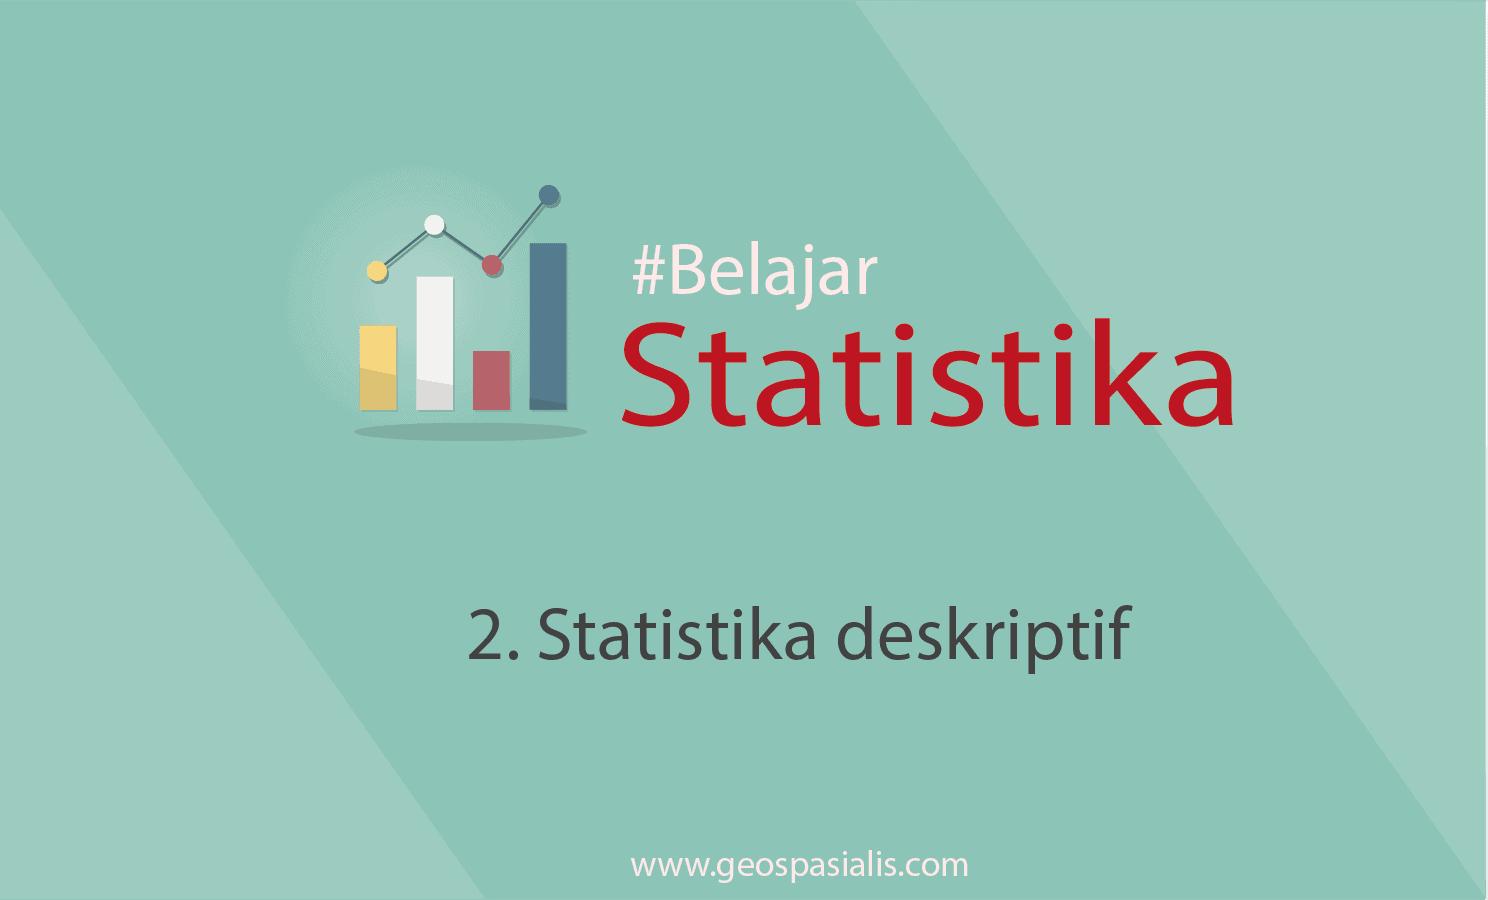 06/04/2019· statistik deskriptif merupakan proses analisis statistik yang fokus kepada manejemen, penyajian, dan klasifikasi data. Statistika Deskriptif Penjelasan Lengkap Dan Jelas Beserta Contoh